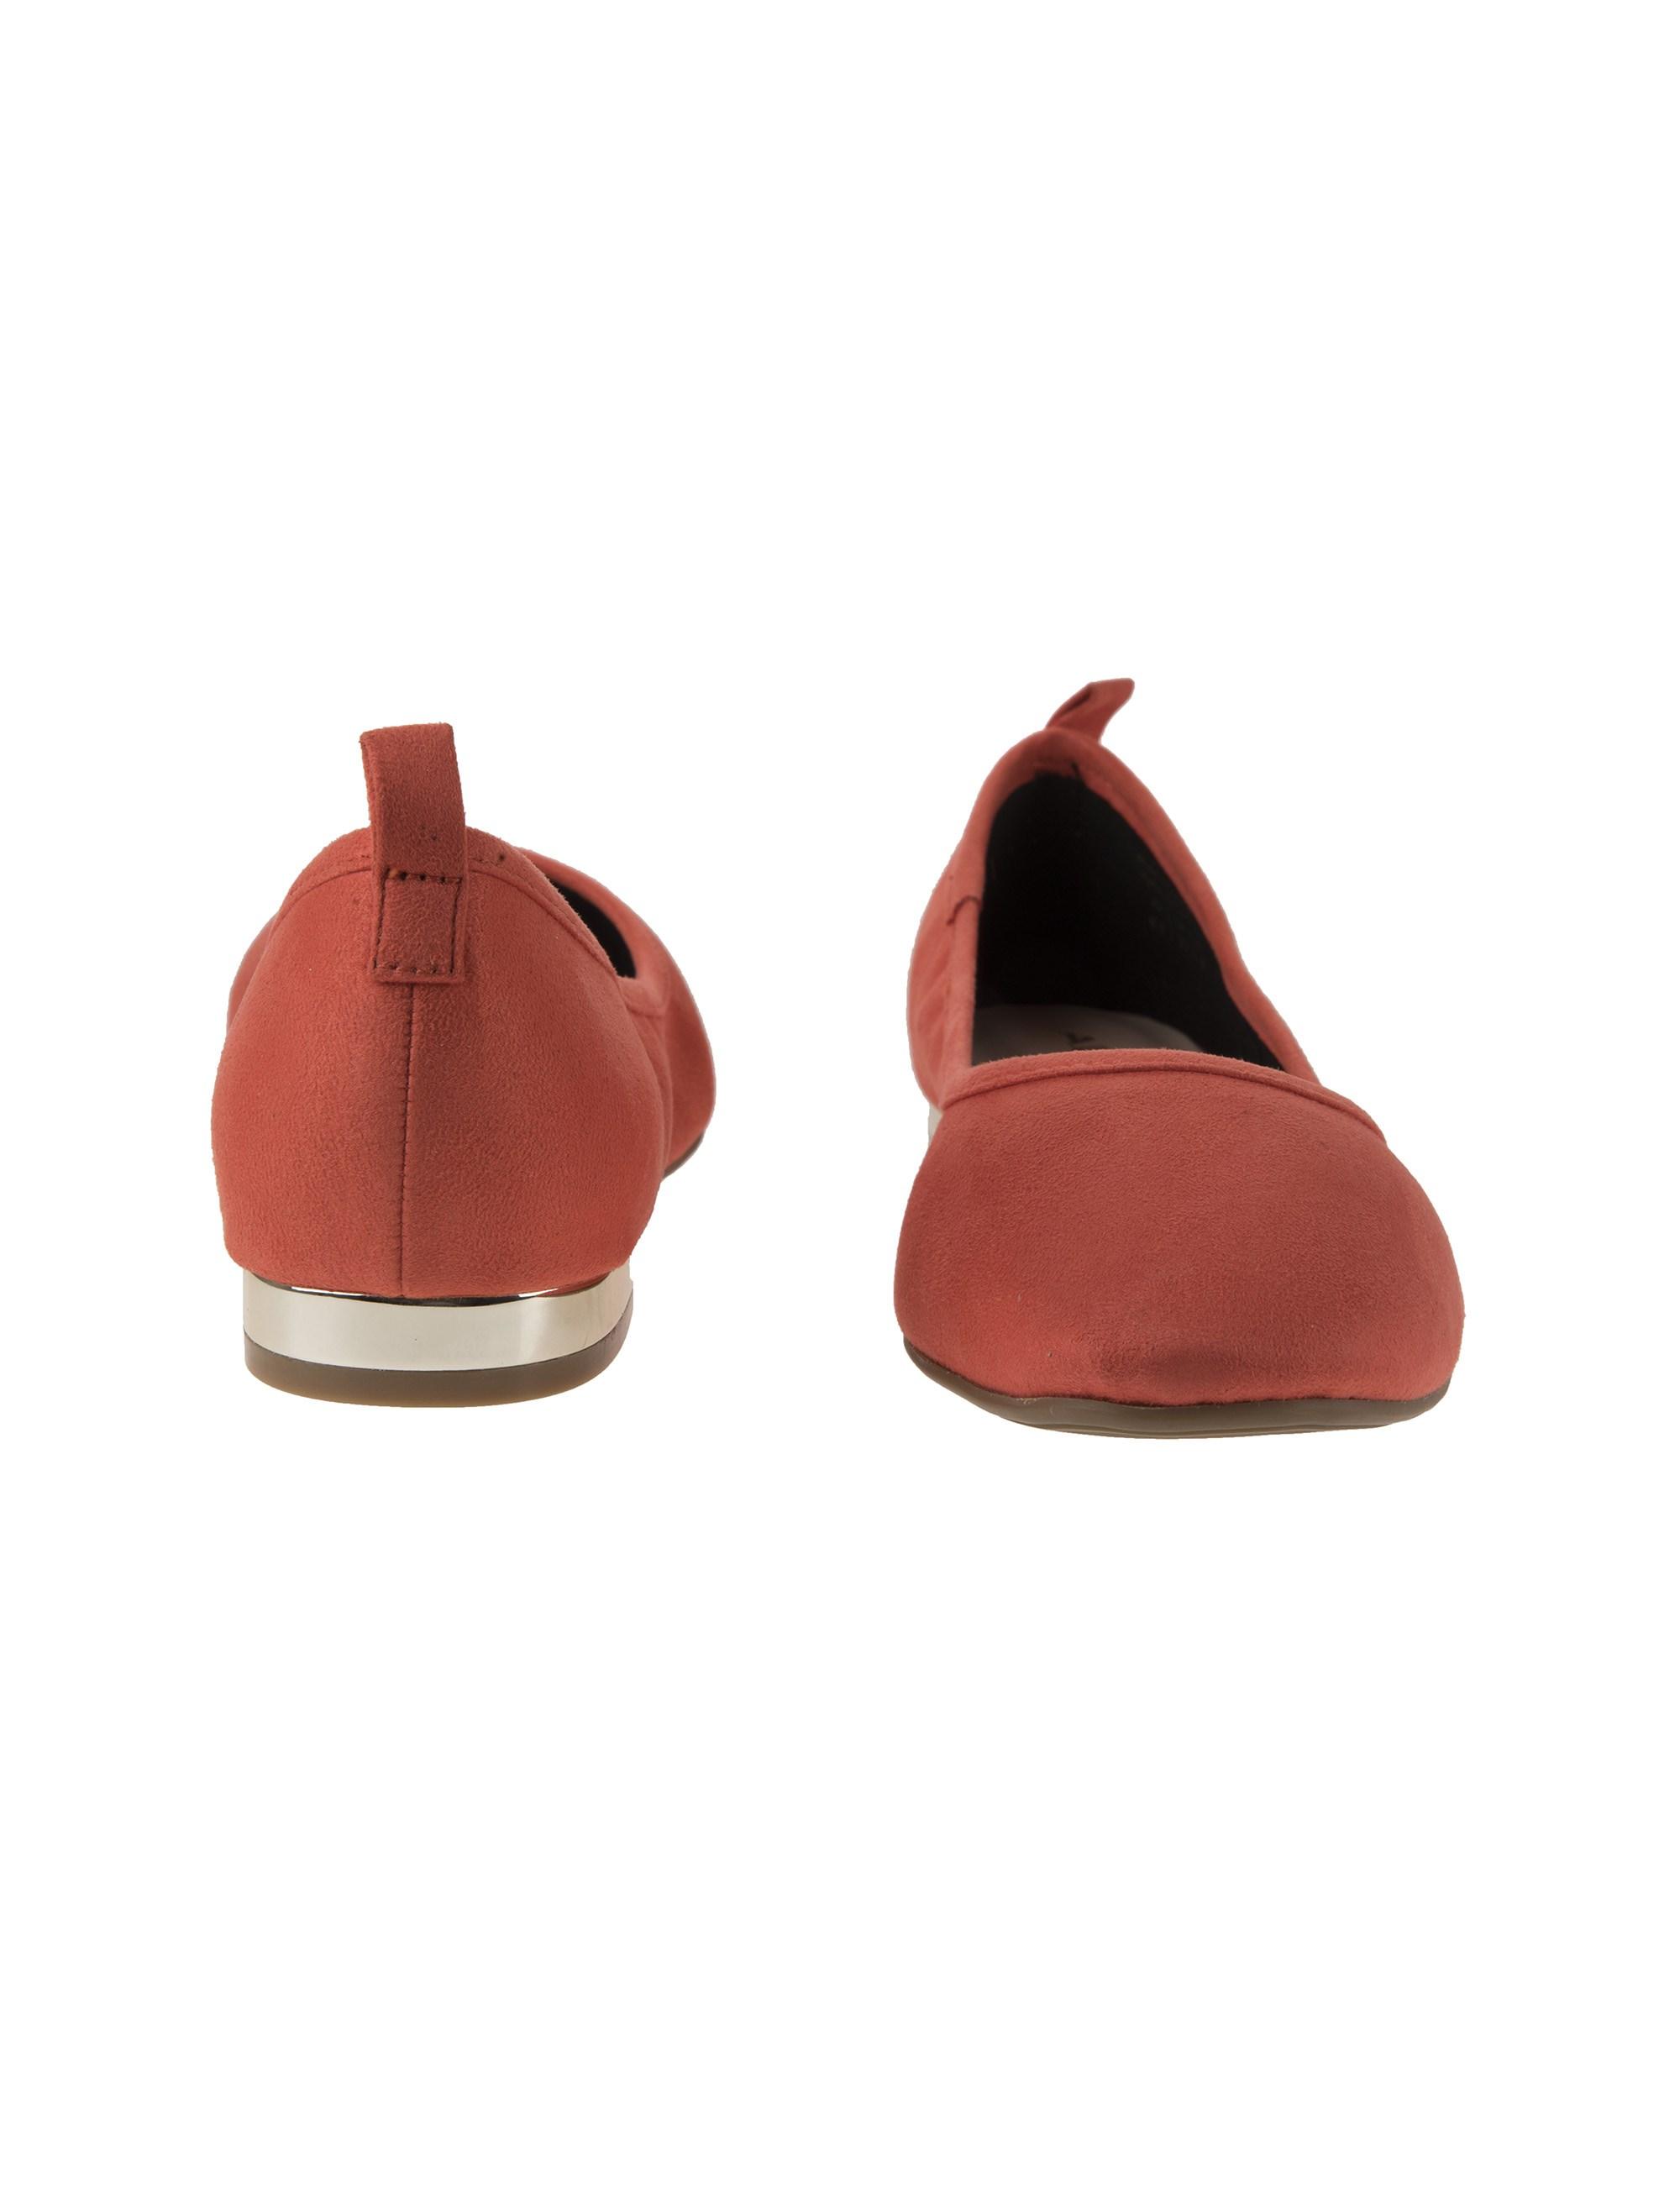 کفش تخت عروسکی زنانه - نارنجي  - 5